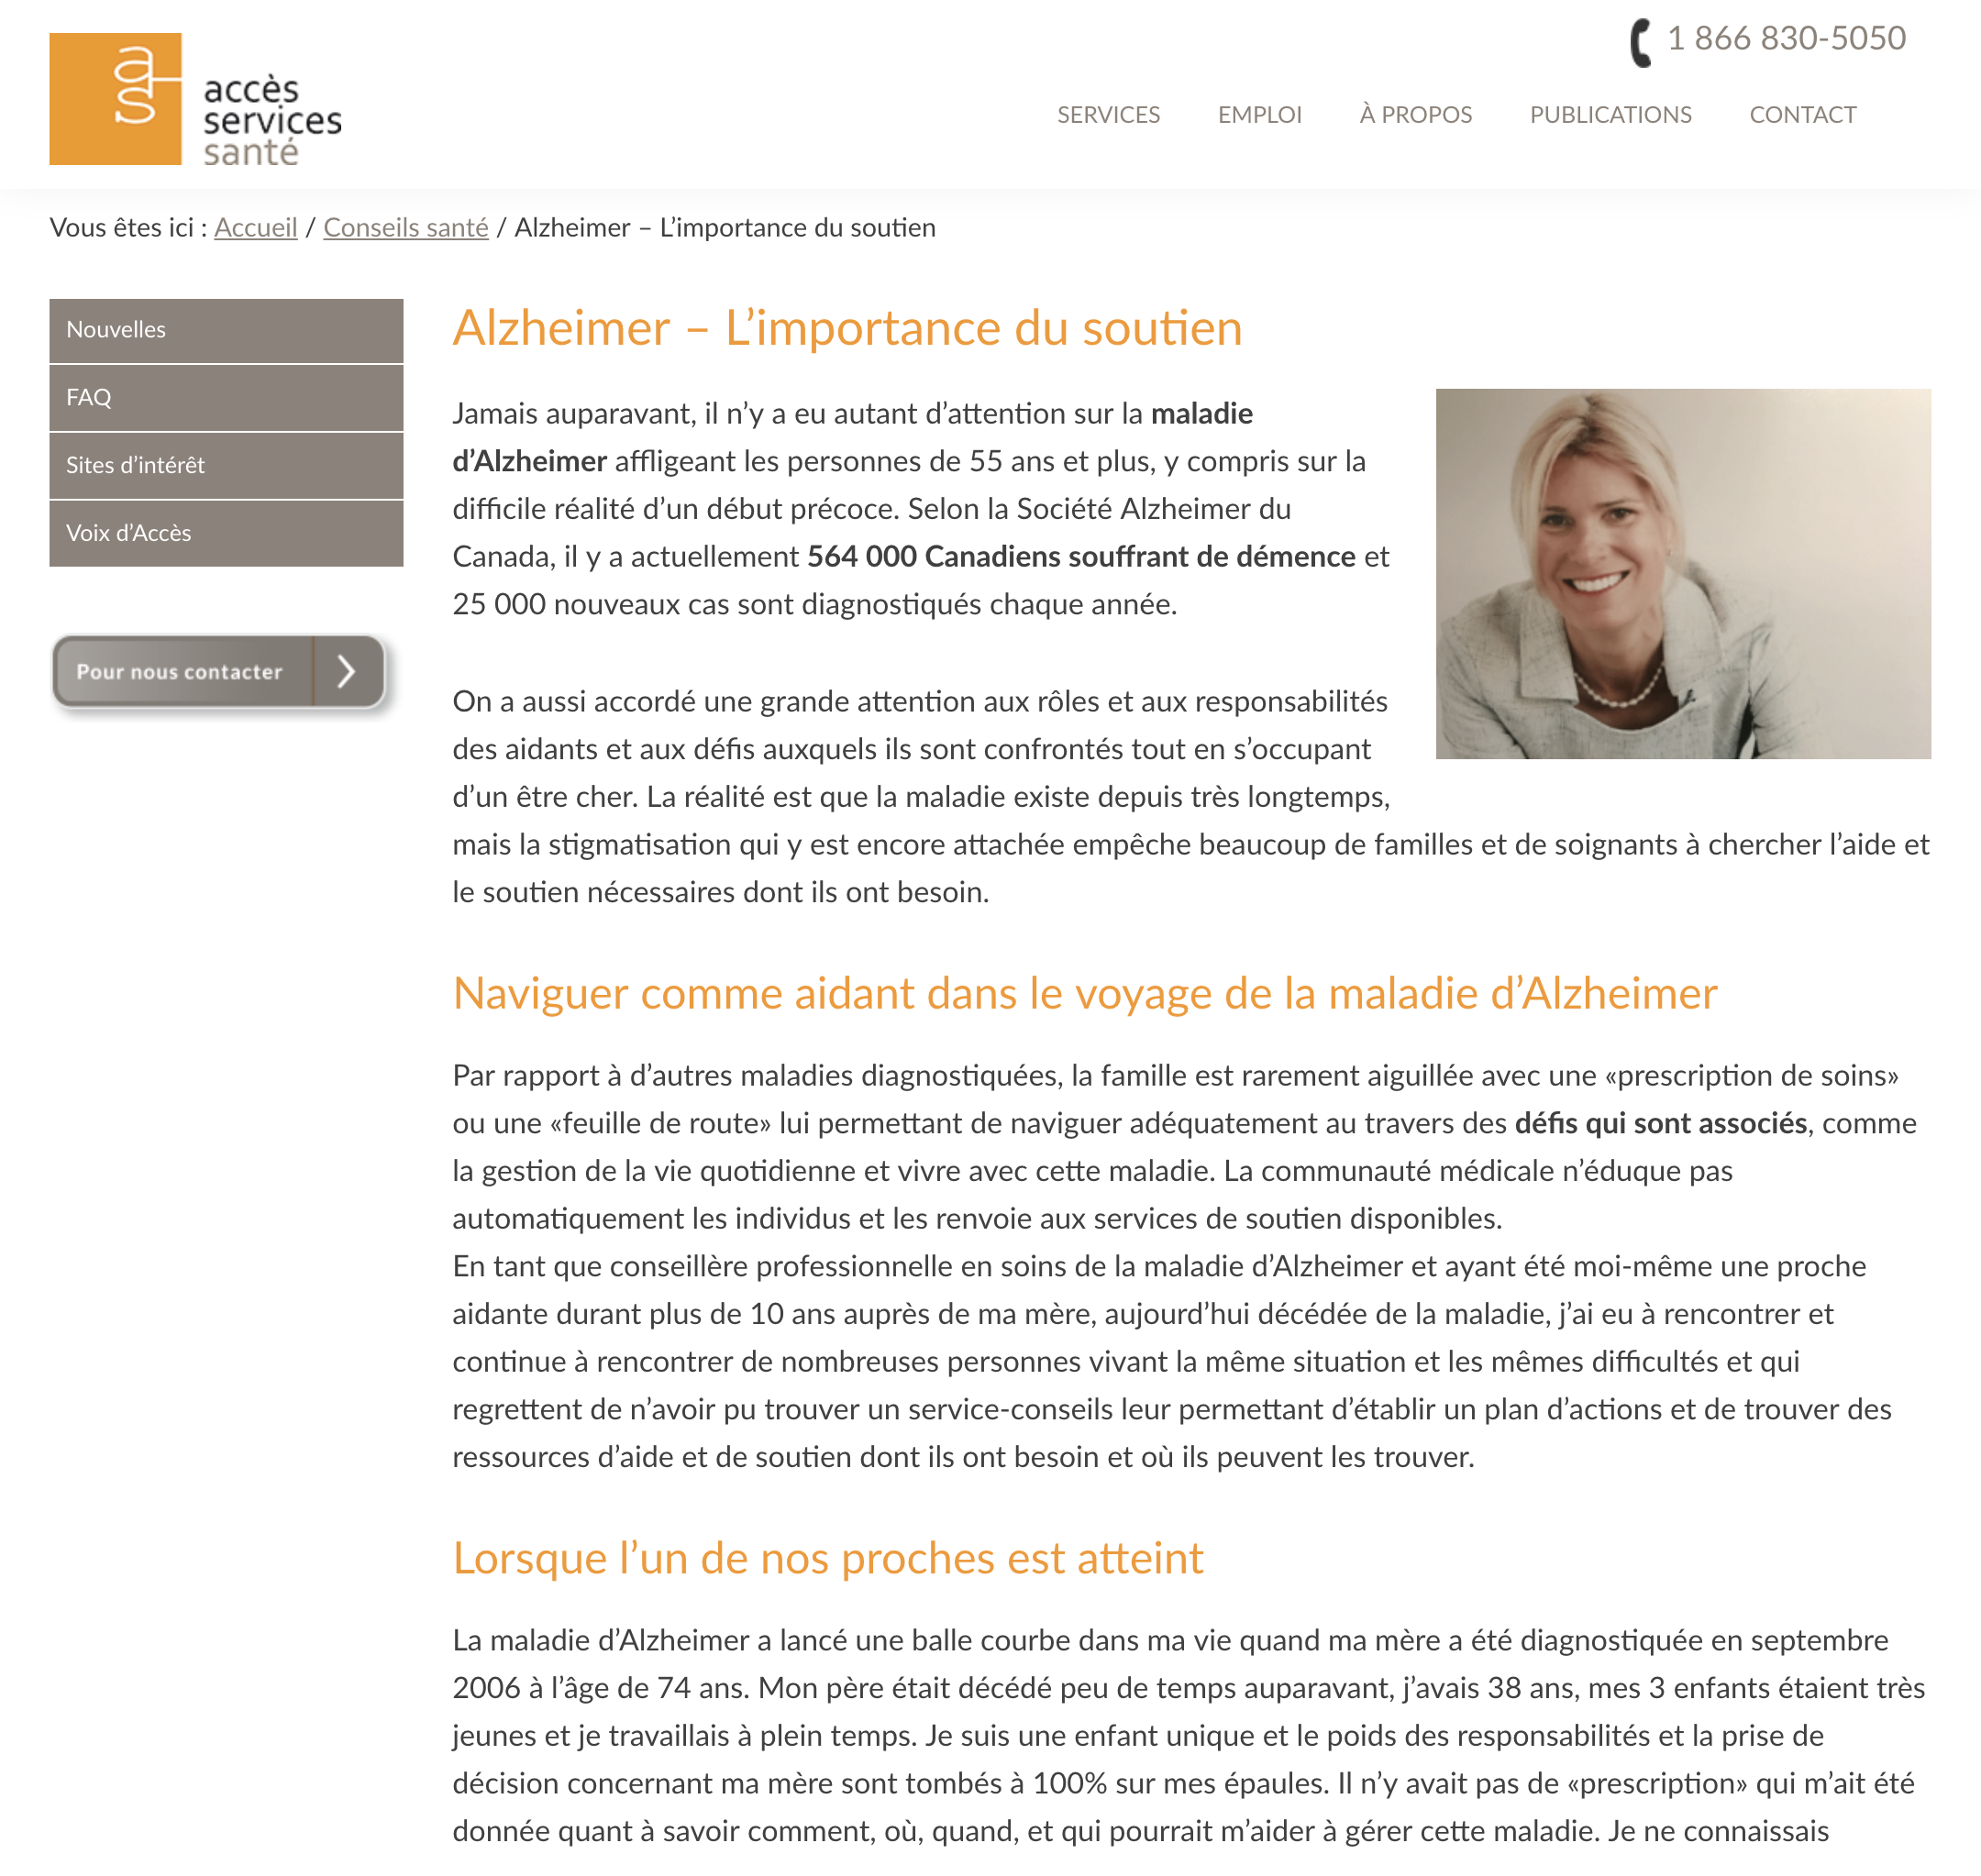 Accès Services Santé - October 2017